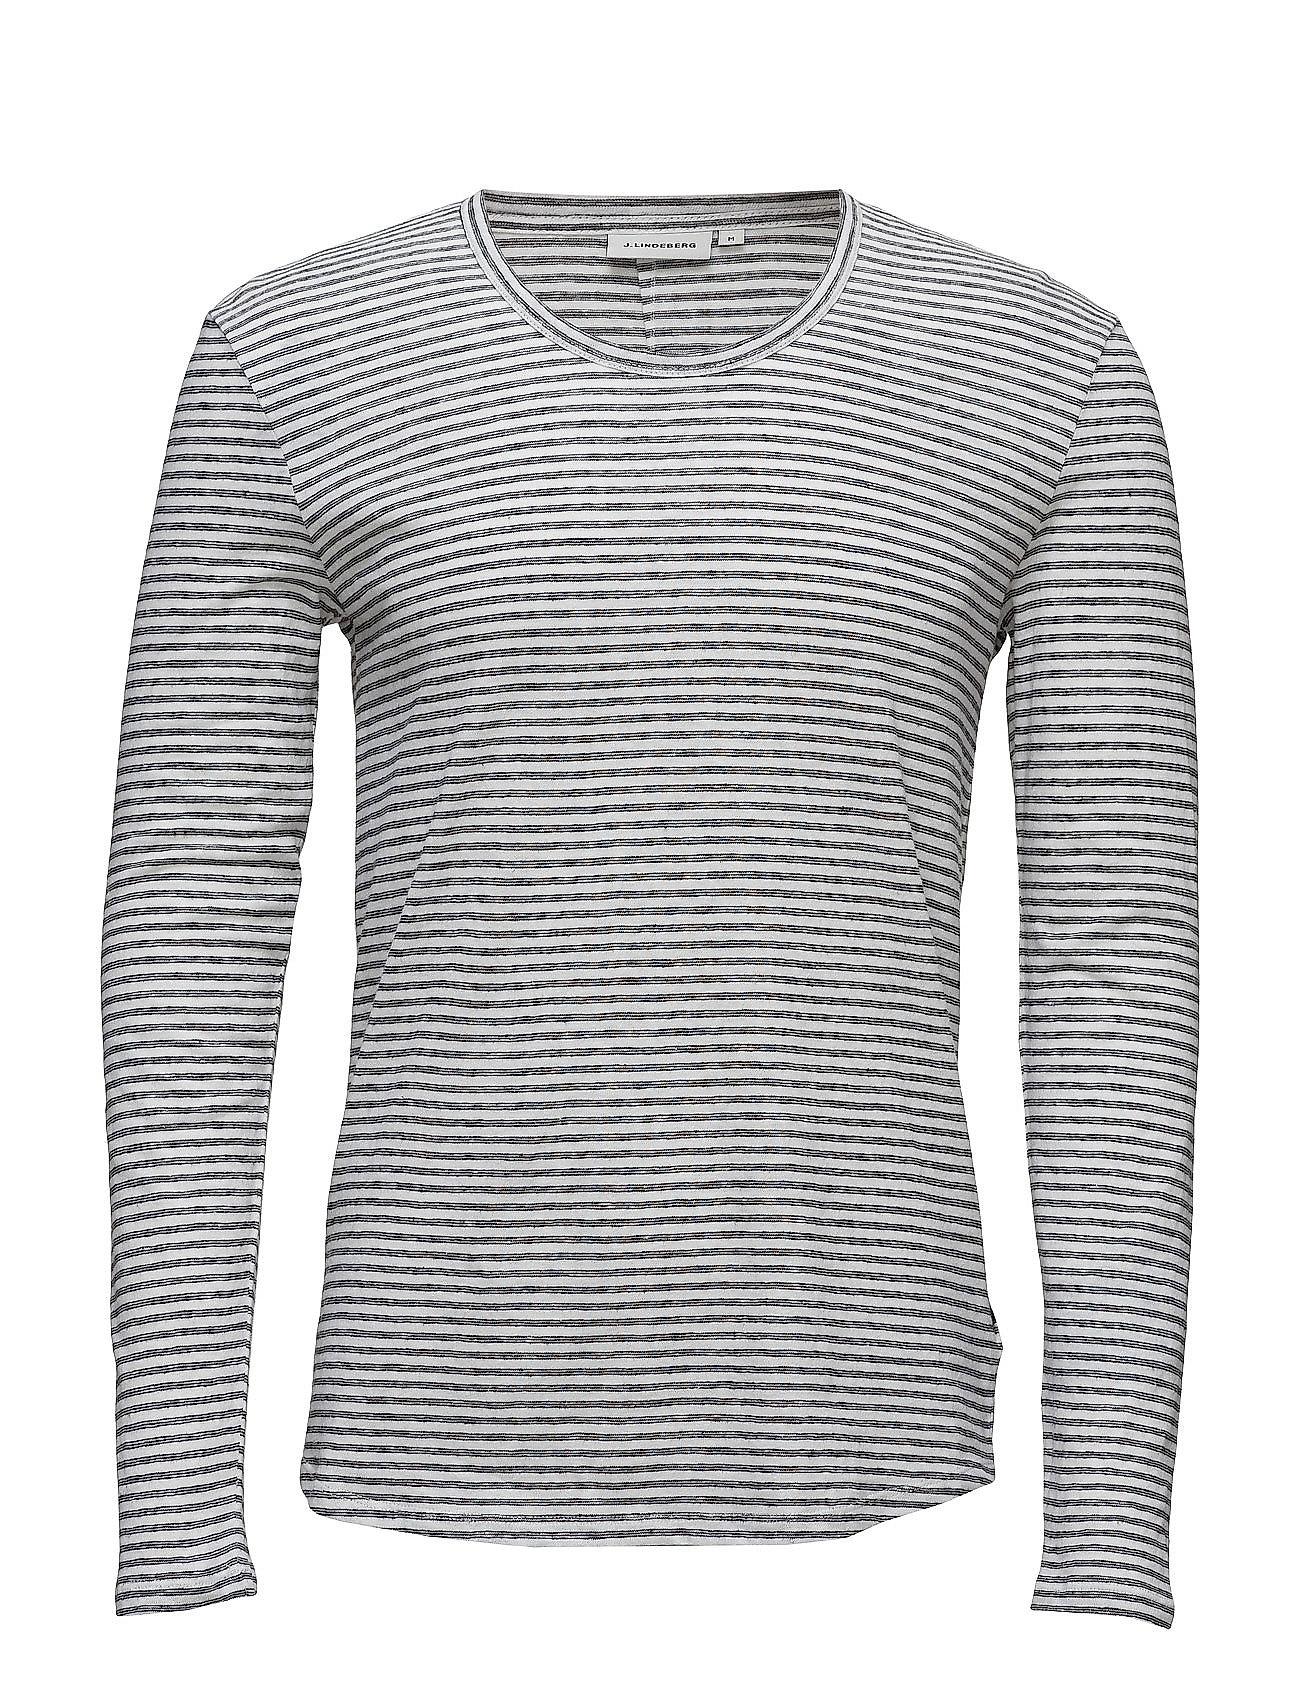 Teller Ls Raw Linen Mix J. Lindeberg T-shirts til Mænd i Off White